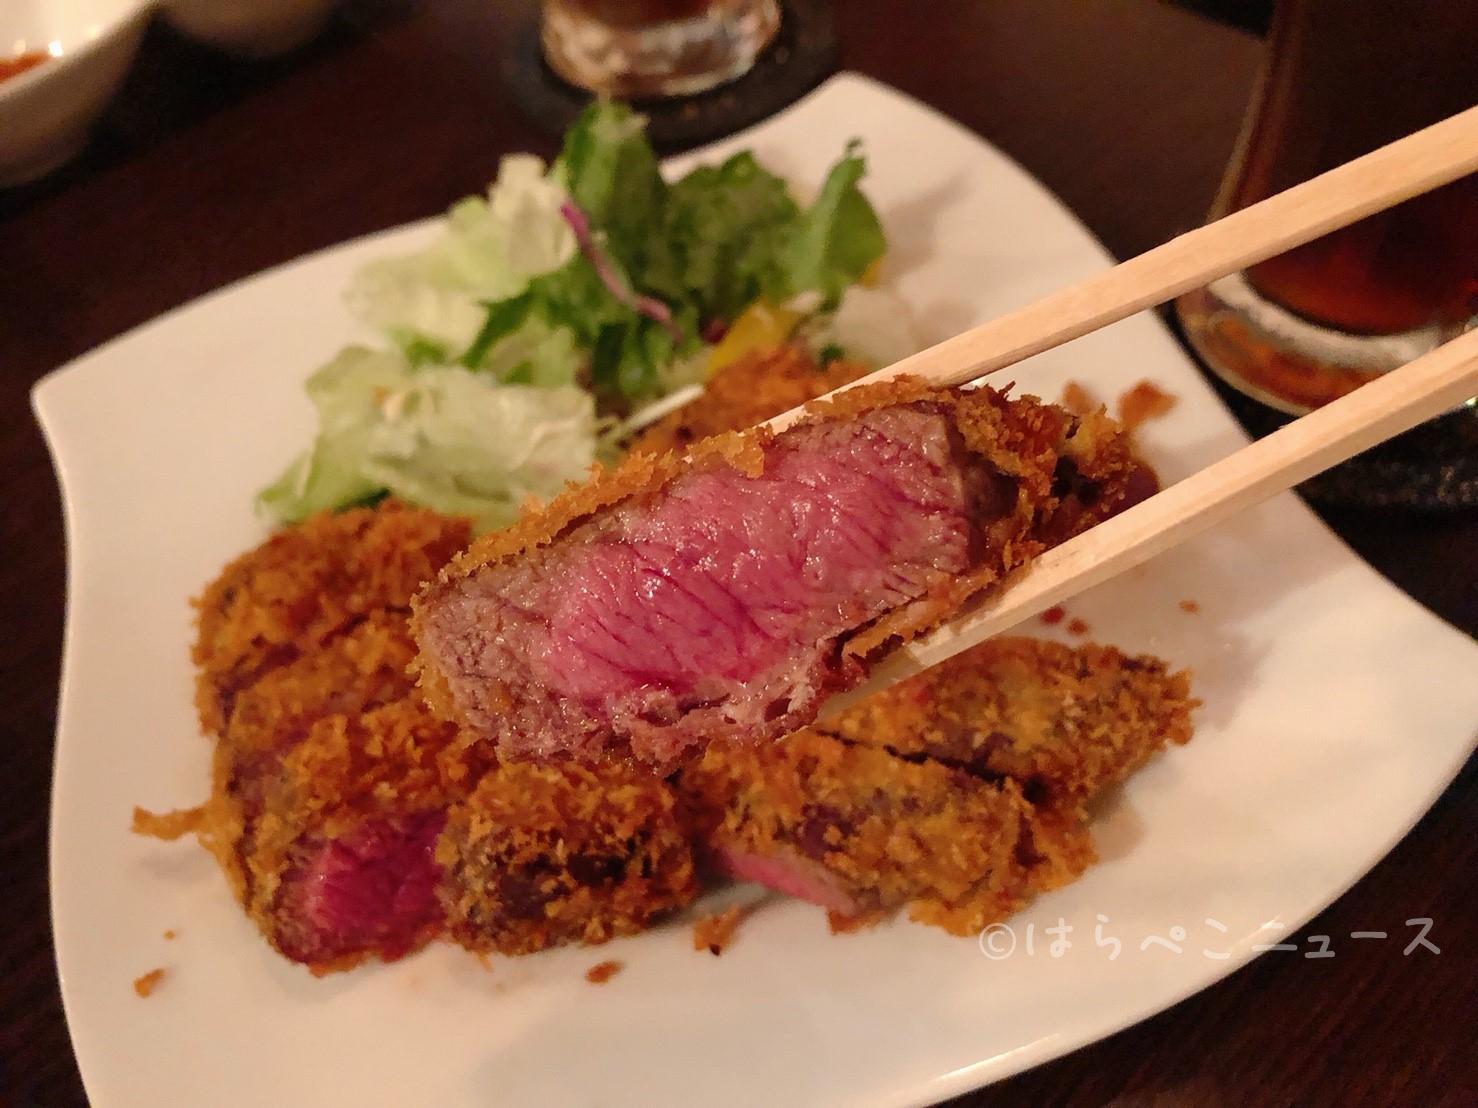 はらぺこニュース|【実食レポ】1290円で牛カツ食べ放題!新宿「肉バル×イタリアン クロスカーサ」